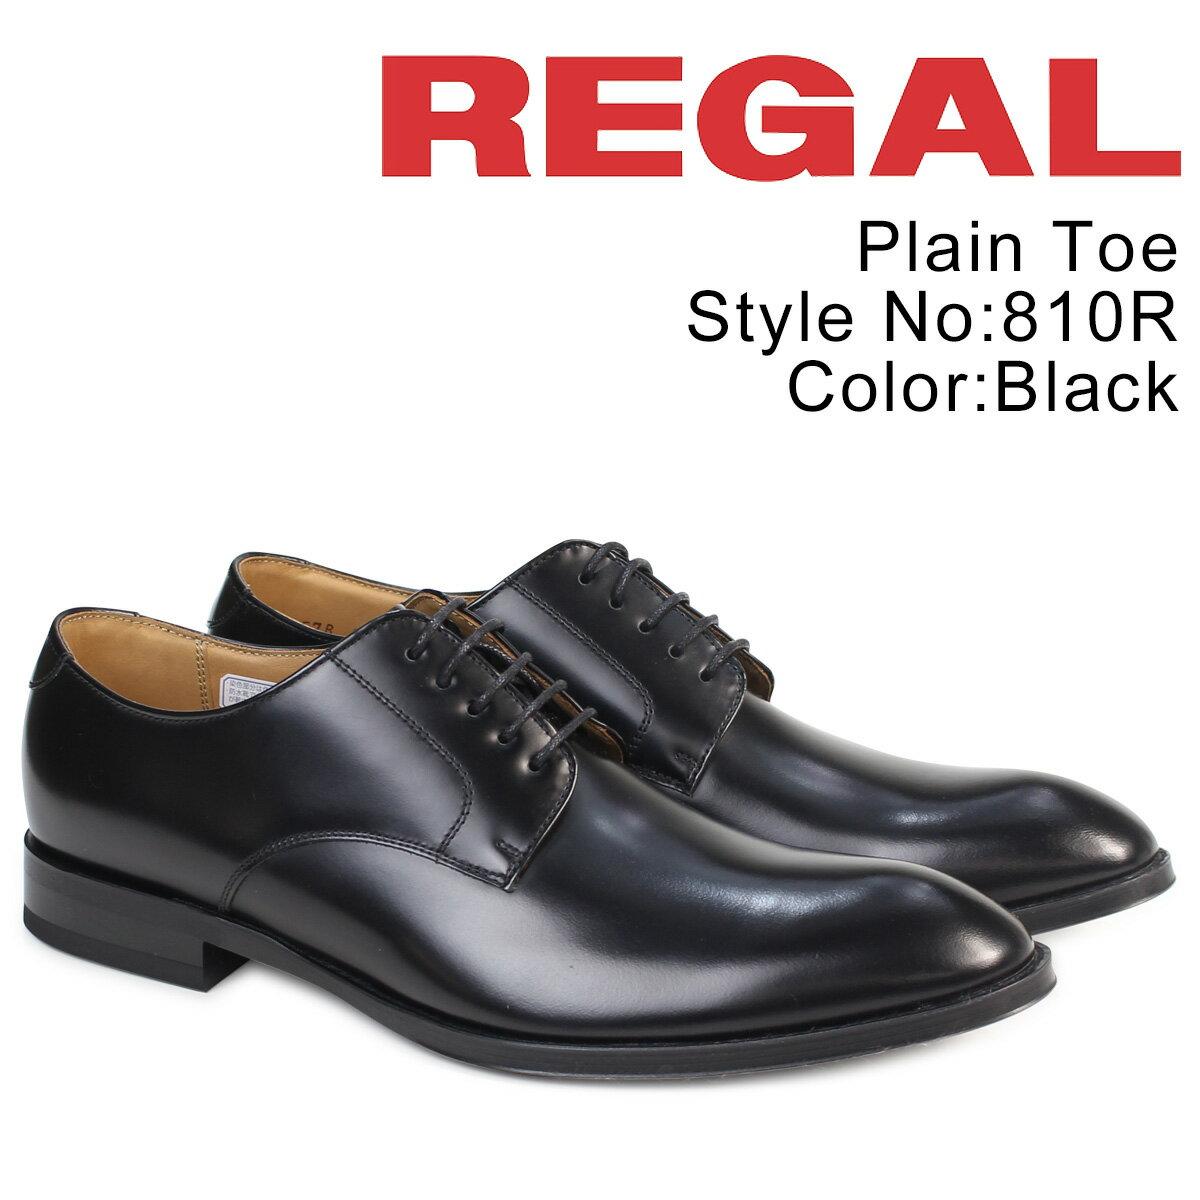 REGAL 靴 メンズ リーガル プレーントゥ 810RAL ビジネスシューズ 日本製 ブラック [9/7 追加入荷] [179]